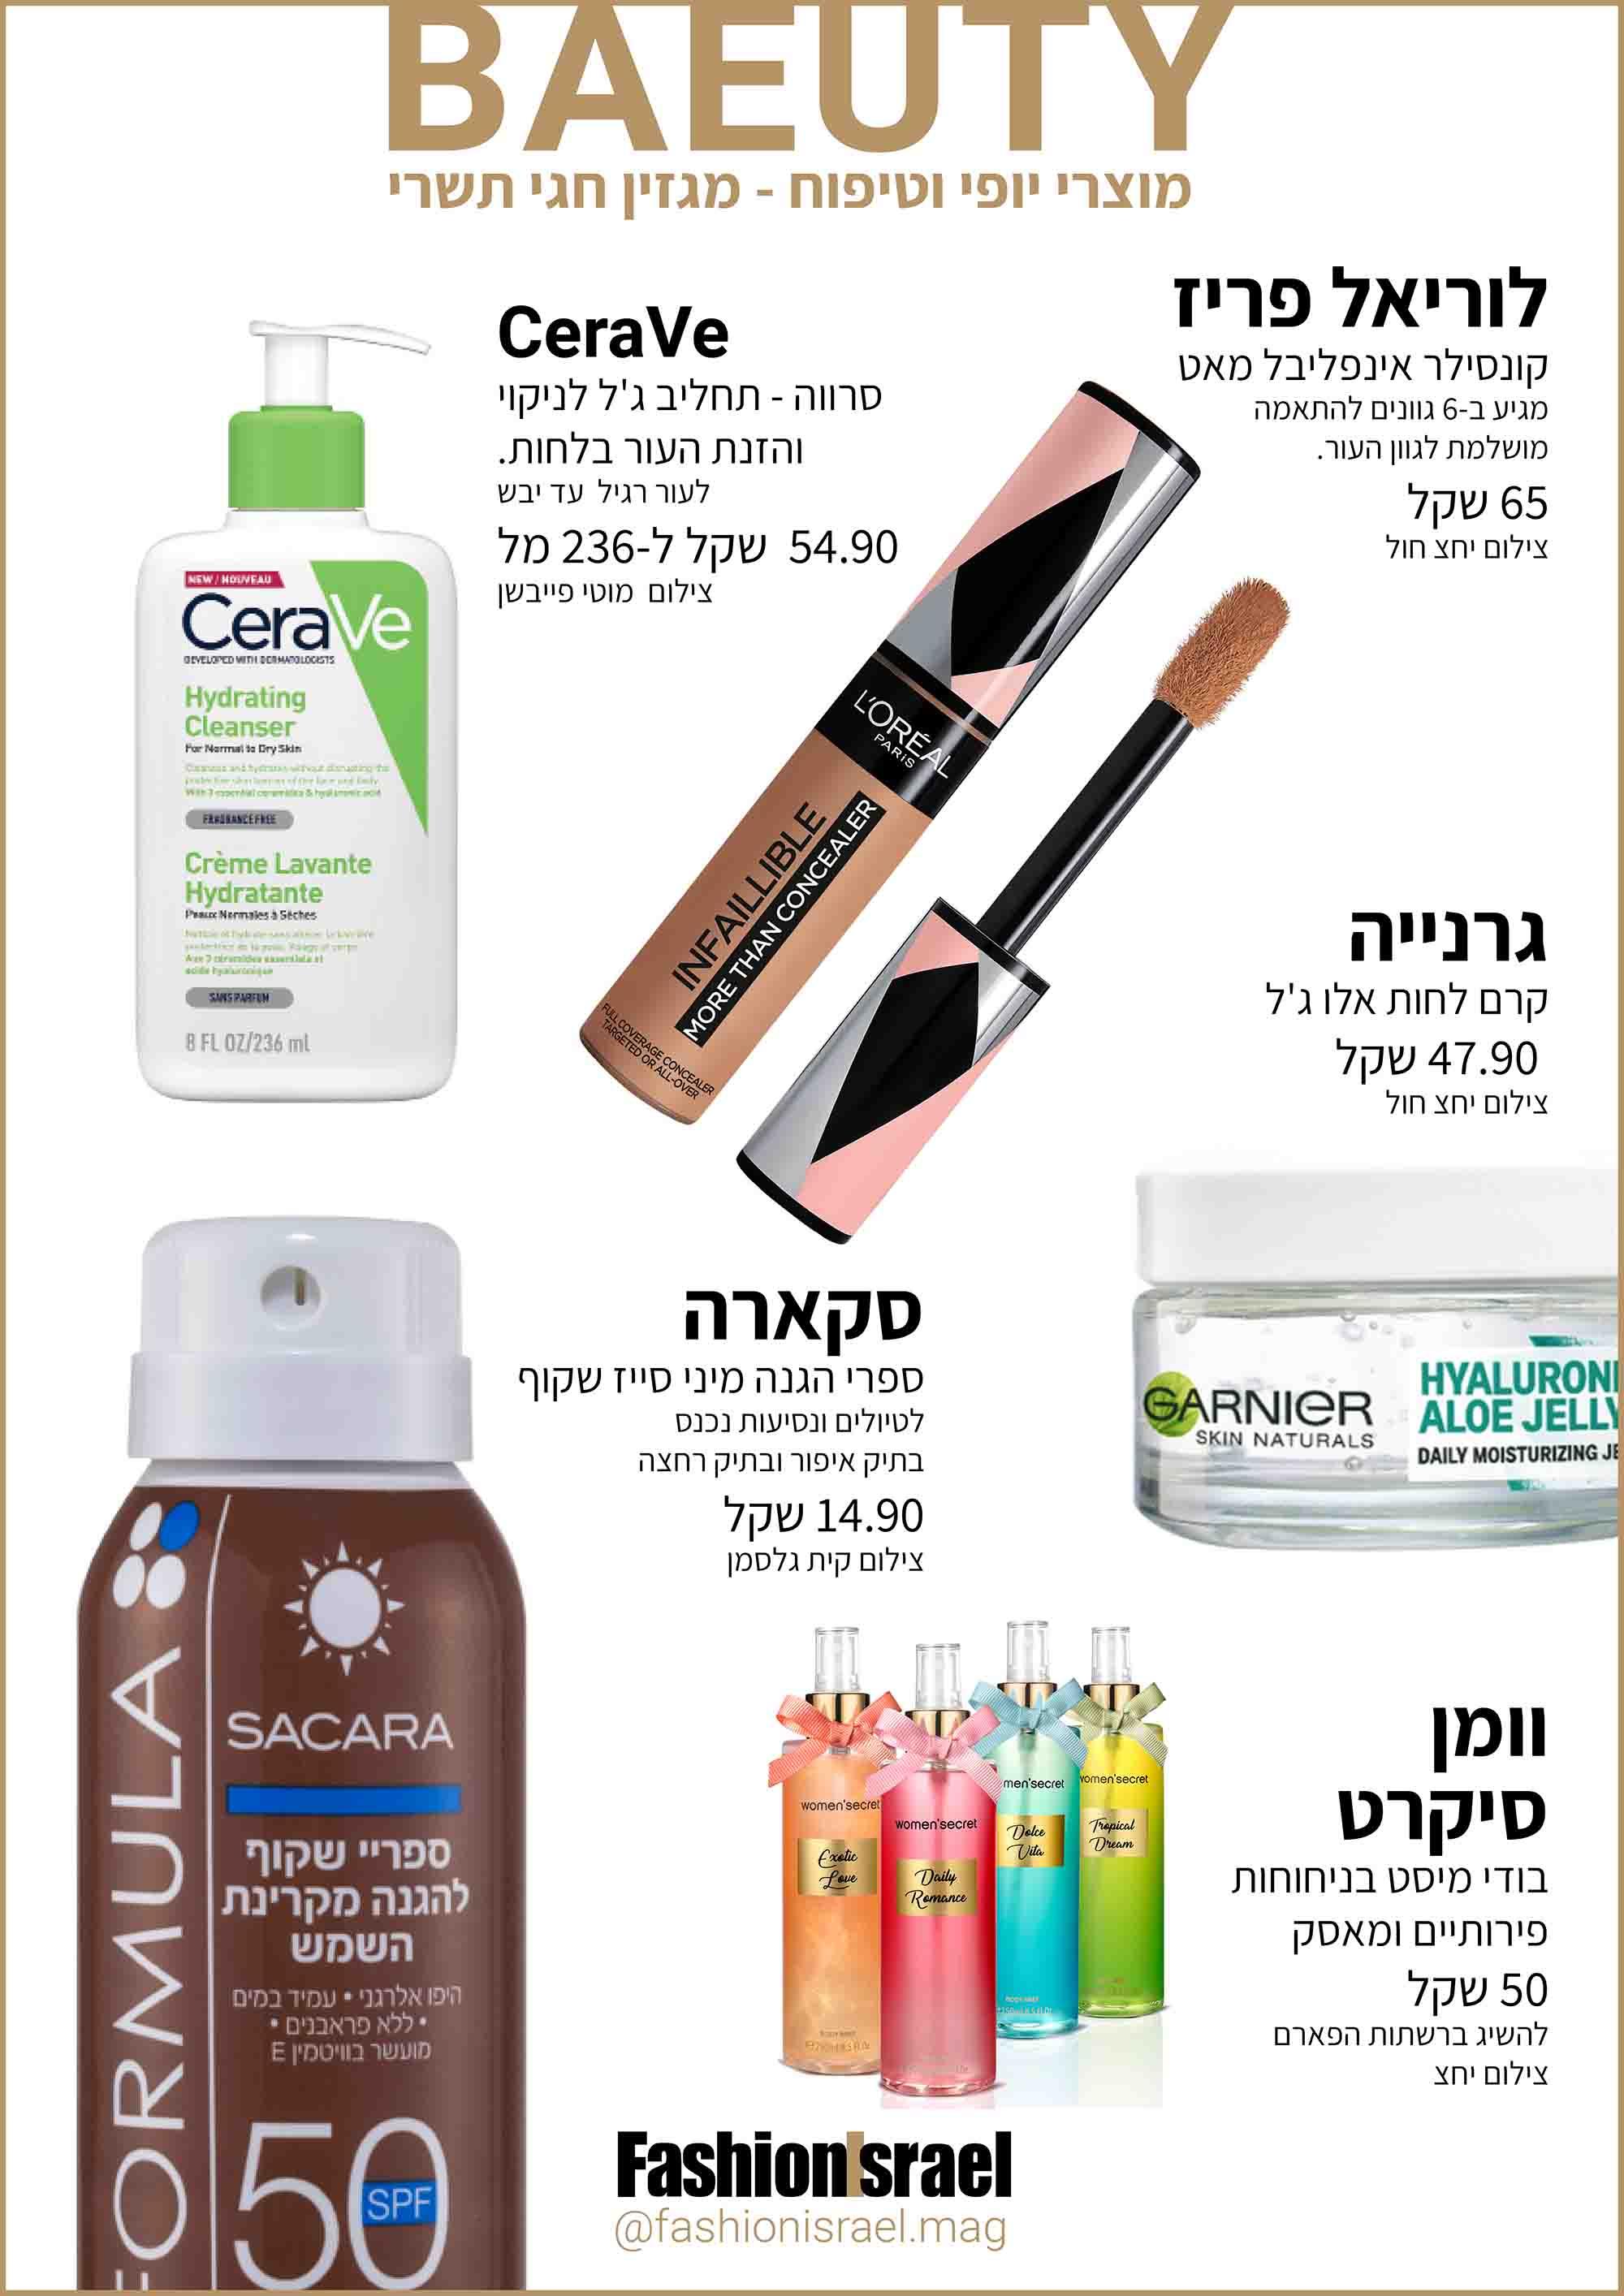 מוצרי יופי וטיפוח לראש השנה-3- Fashion Israel - 2020 חדשות אופנה 2020, כתבות אופנה 2020, טרנדים 2020, מגזין אופנה ישראלי, אופנה -